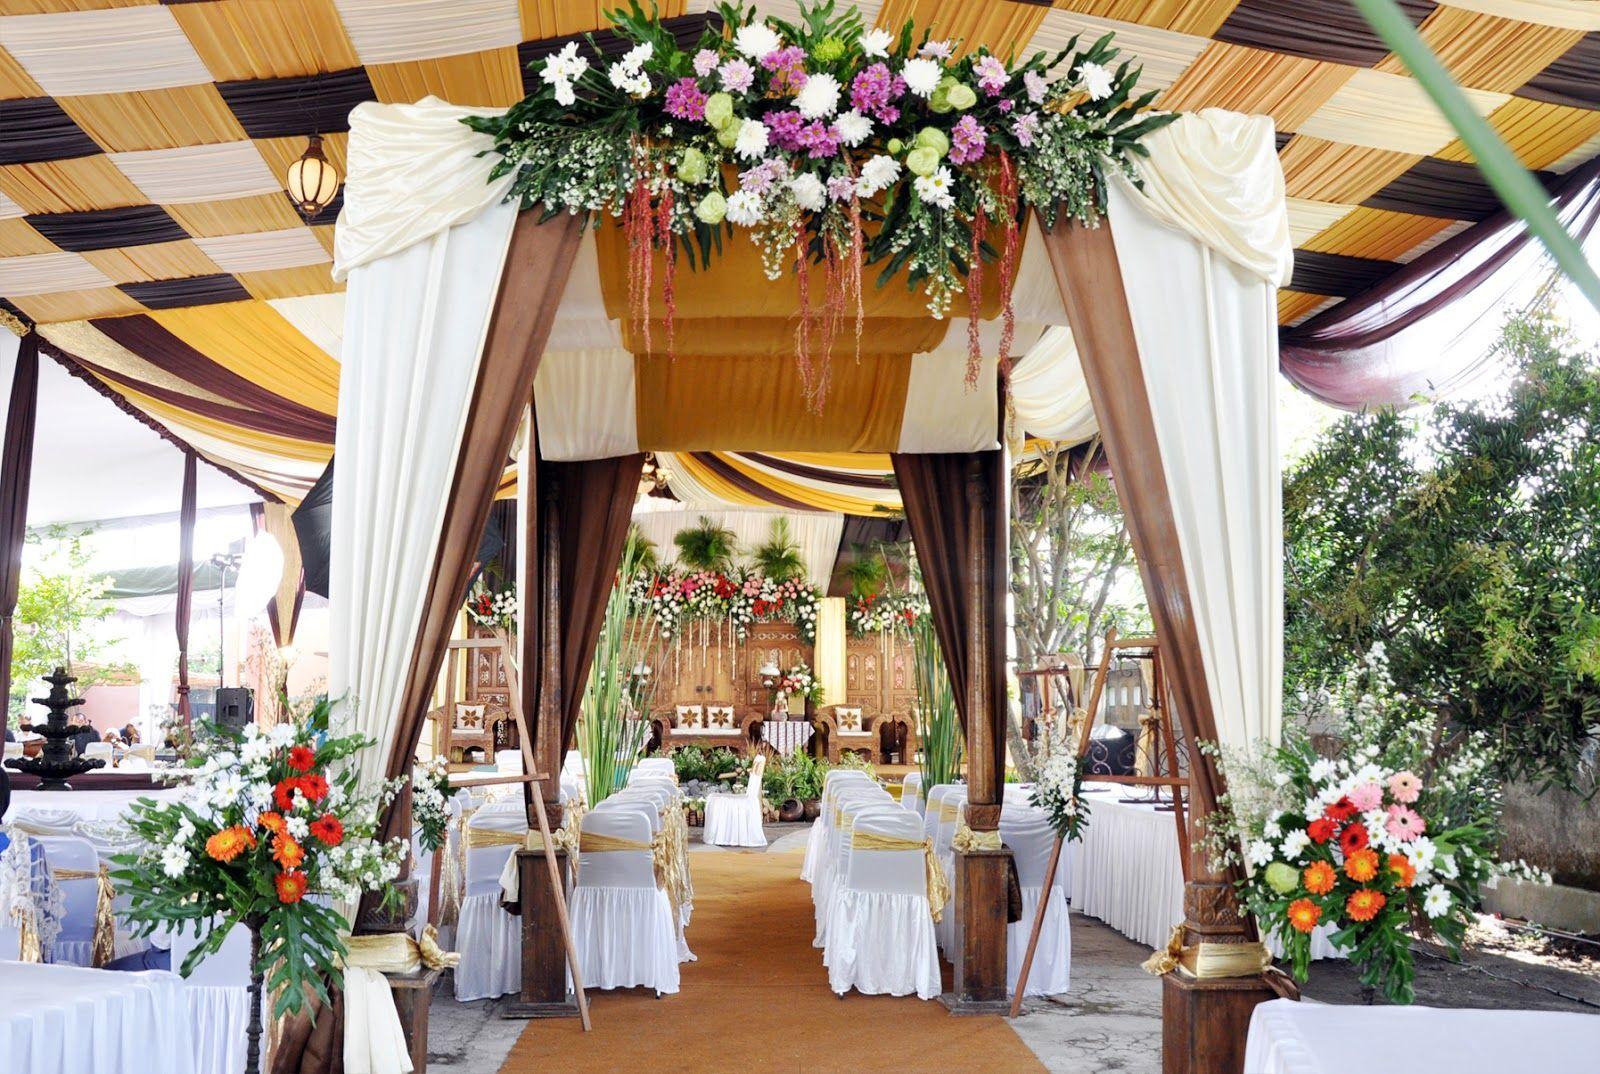 50 Dekorasi Pernikahan Outdoor Minimalis, Simpel dan ...